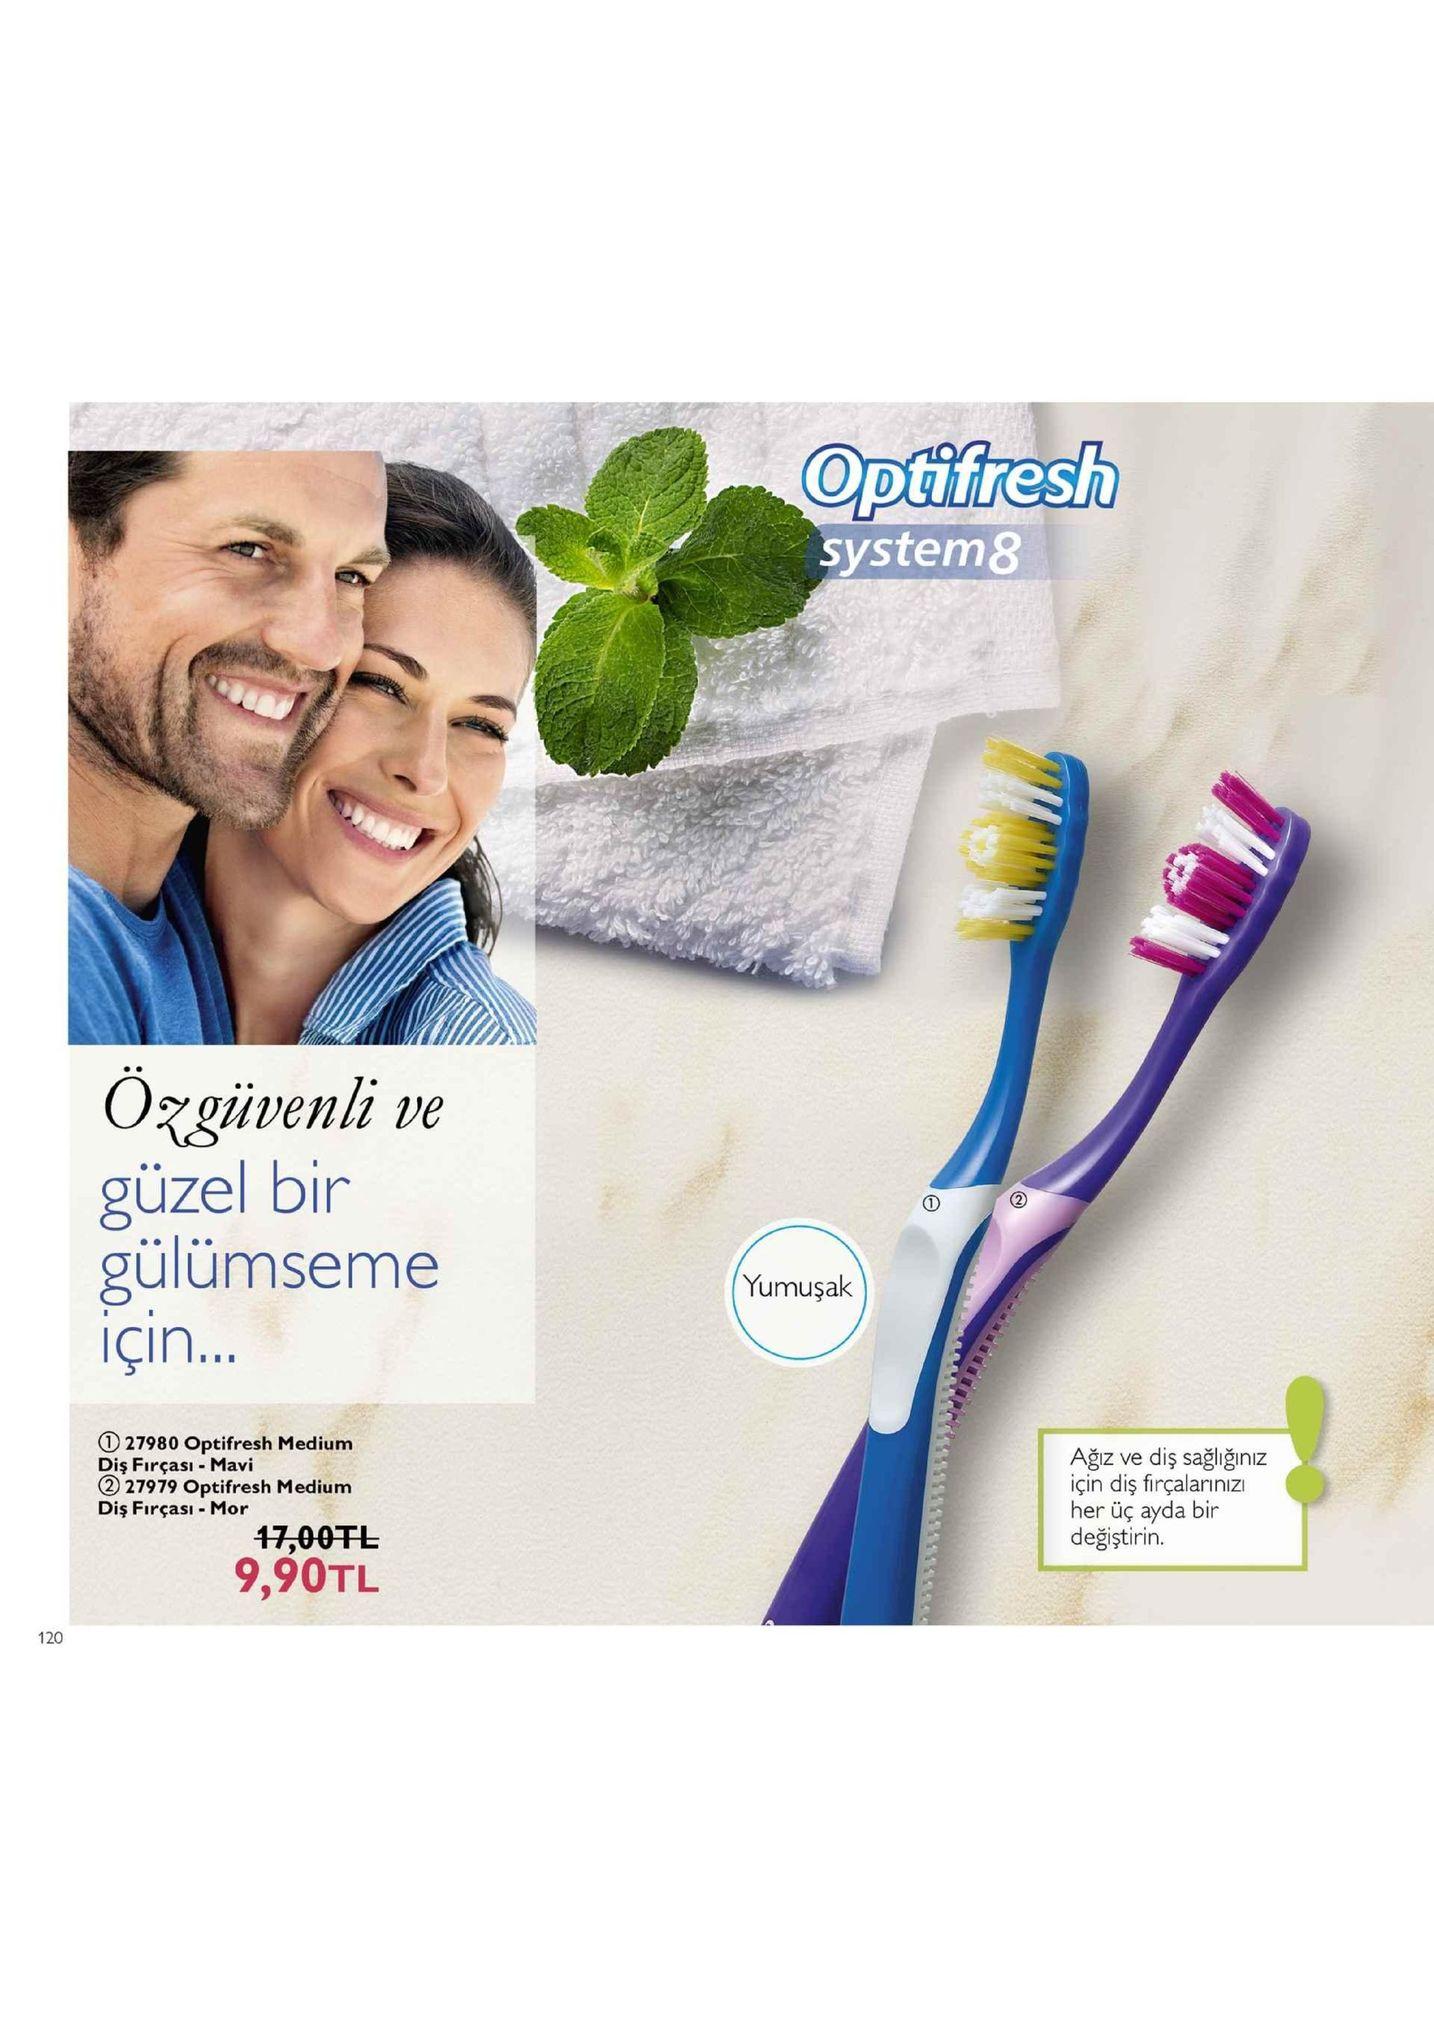 optifresh system8 ozgüvenli ve güzel bir gülümseme çin.. yumuşak 27980 optifresh medium diş firçası mavi ②27979 optifresh medium diş firçası mor ağız ve diş sağliğiniz için diş firçalarinizı her üç ayda bir değştirin. 47,00tl 9,90tl 120